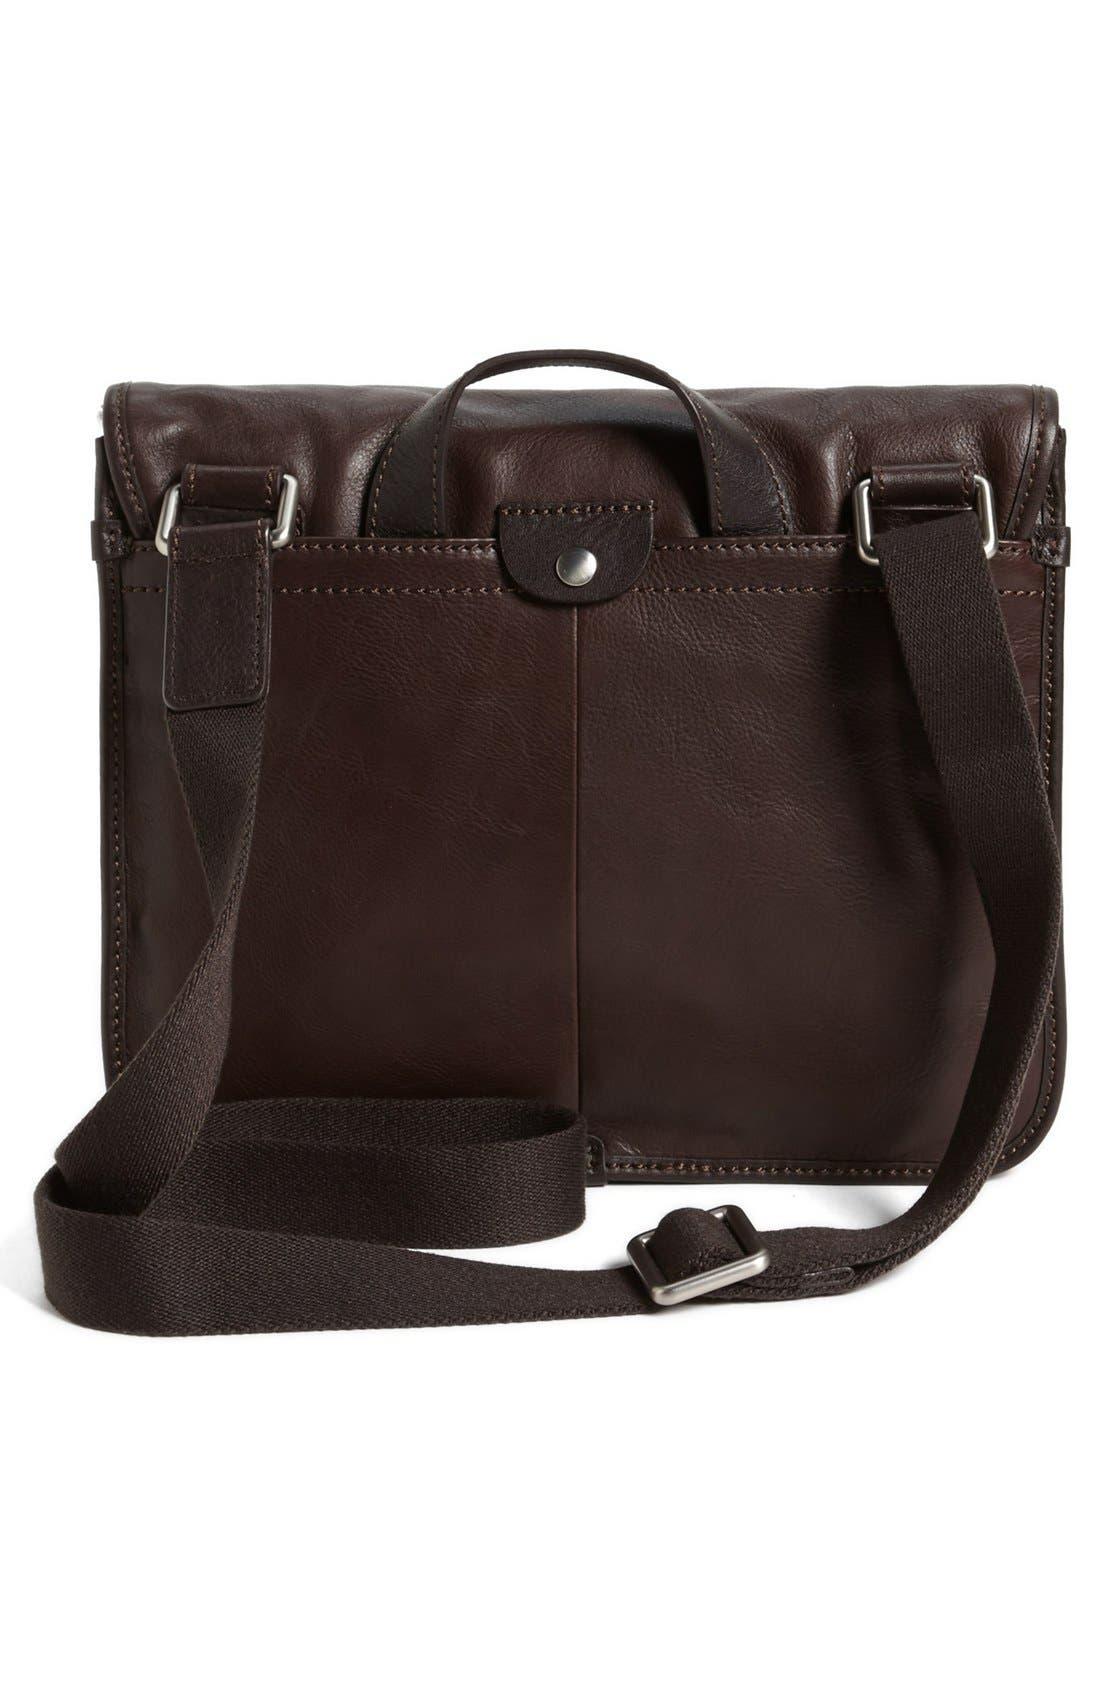 Alternate Image 2  - Fossil 'Mercer EW' Leather City Bag